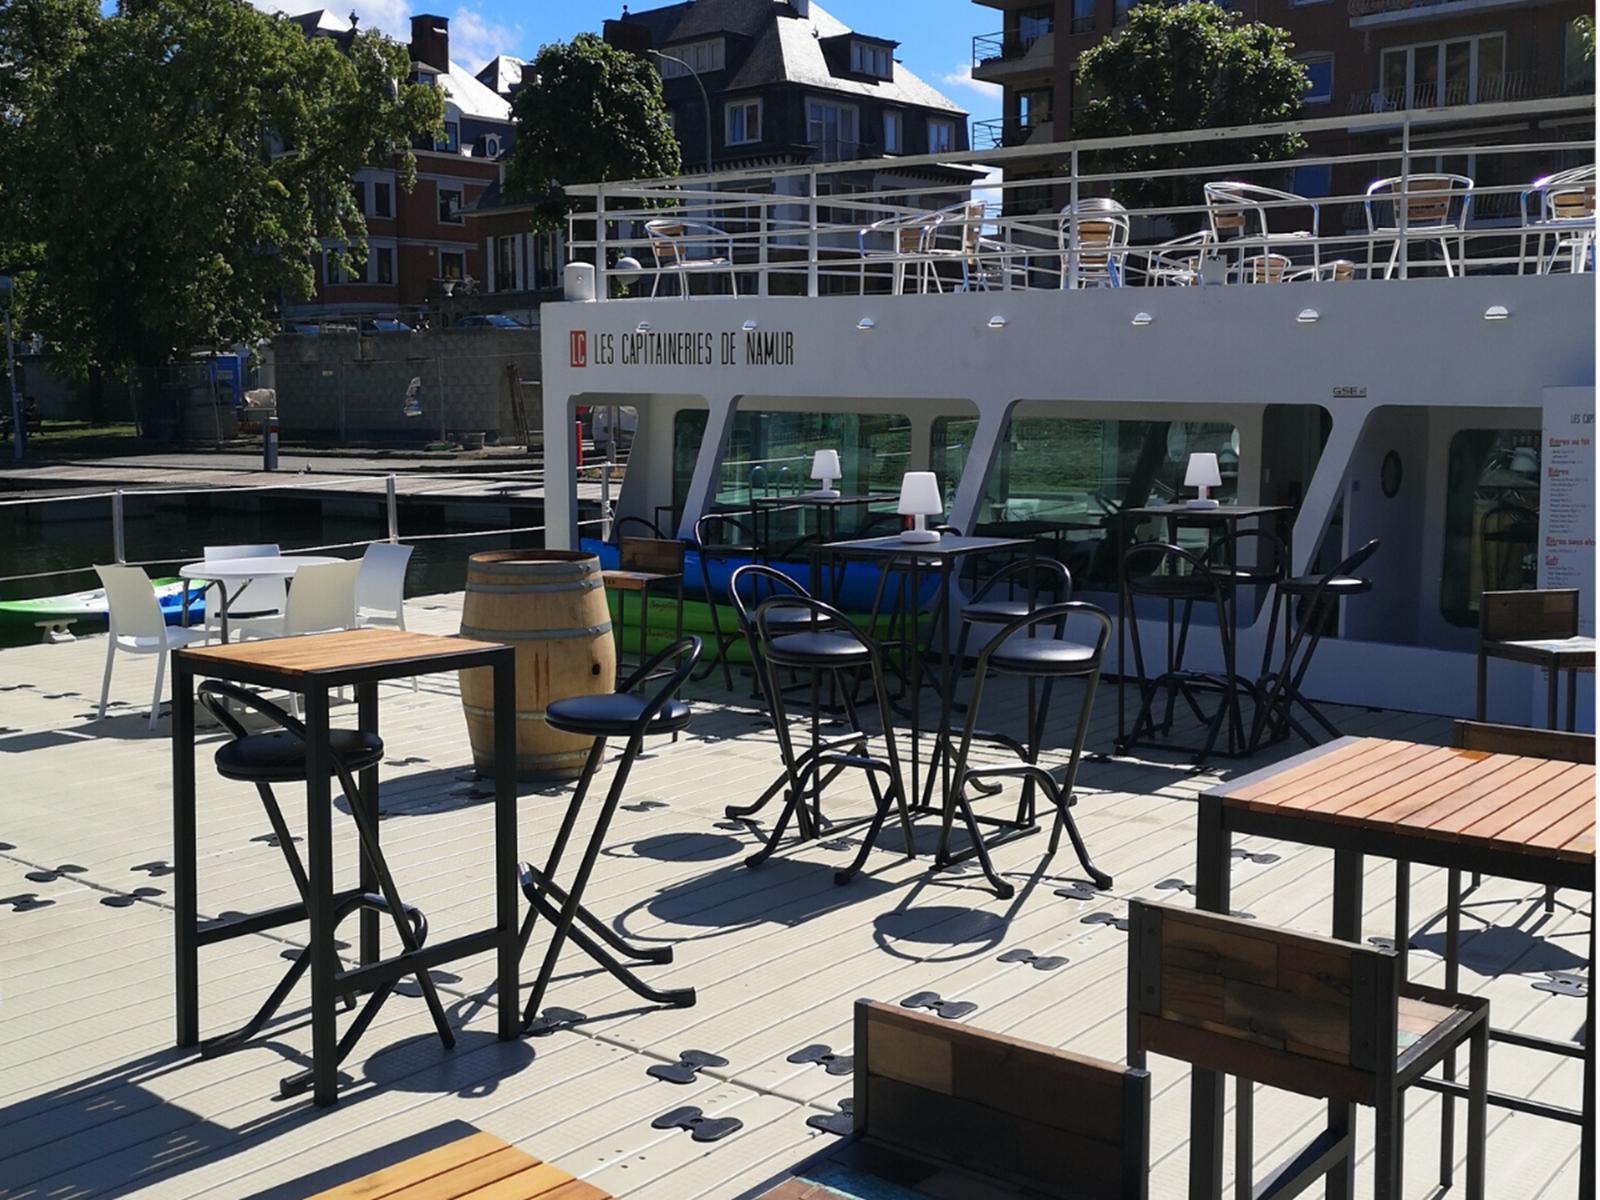 Terrasse flottante - Les Capitaineries de Namur